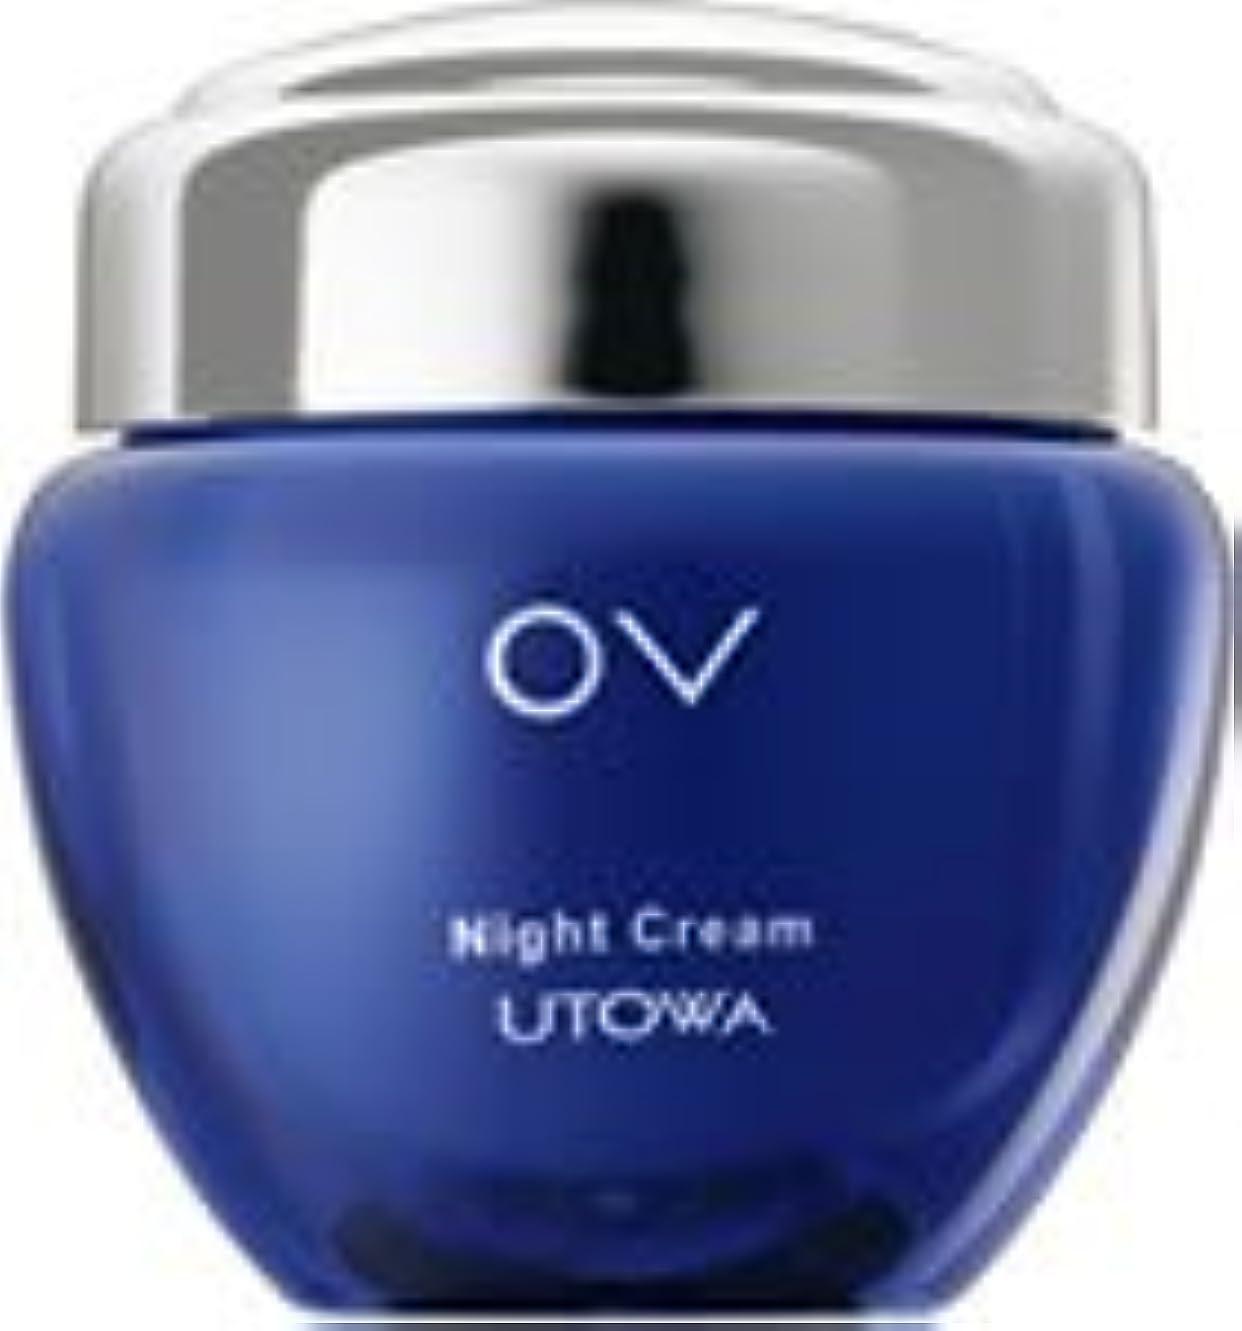 変動する咳地下室UTOWA ウトワ OV ナイトクリーム N (エモリエントクリーム) 30g